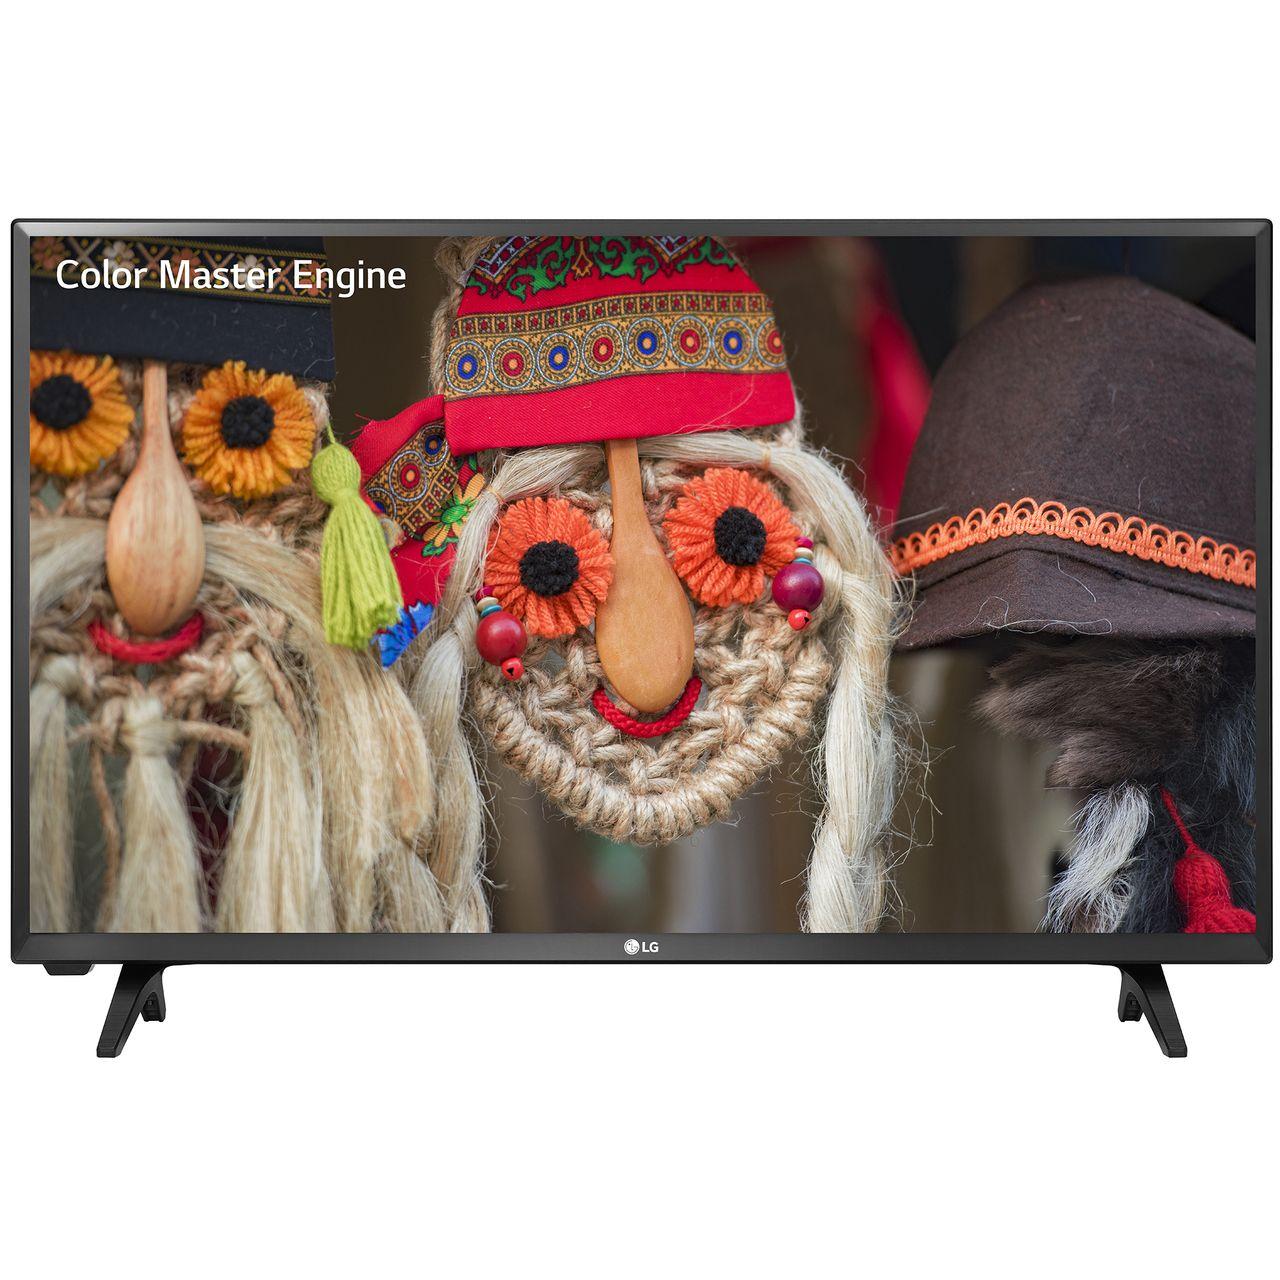 Televizor LED LG 43LJ500V 108cm Full HD Negru